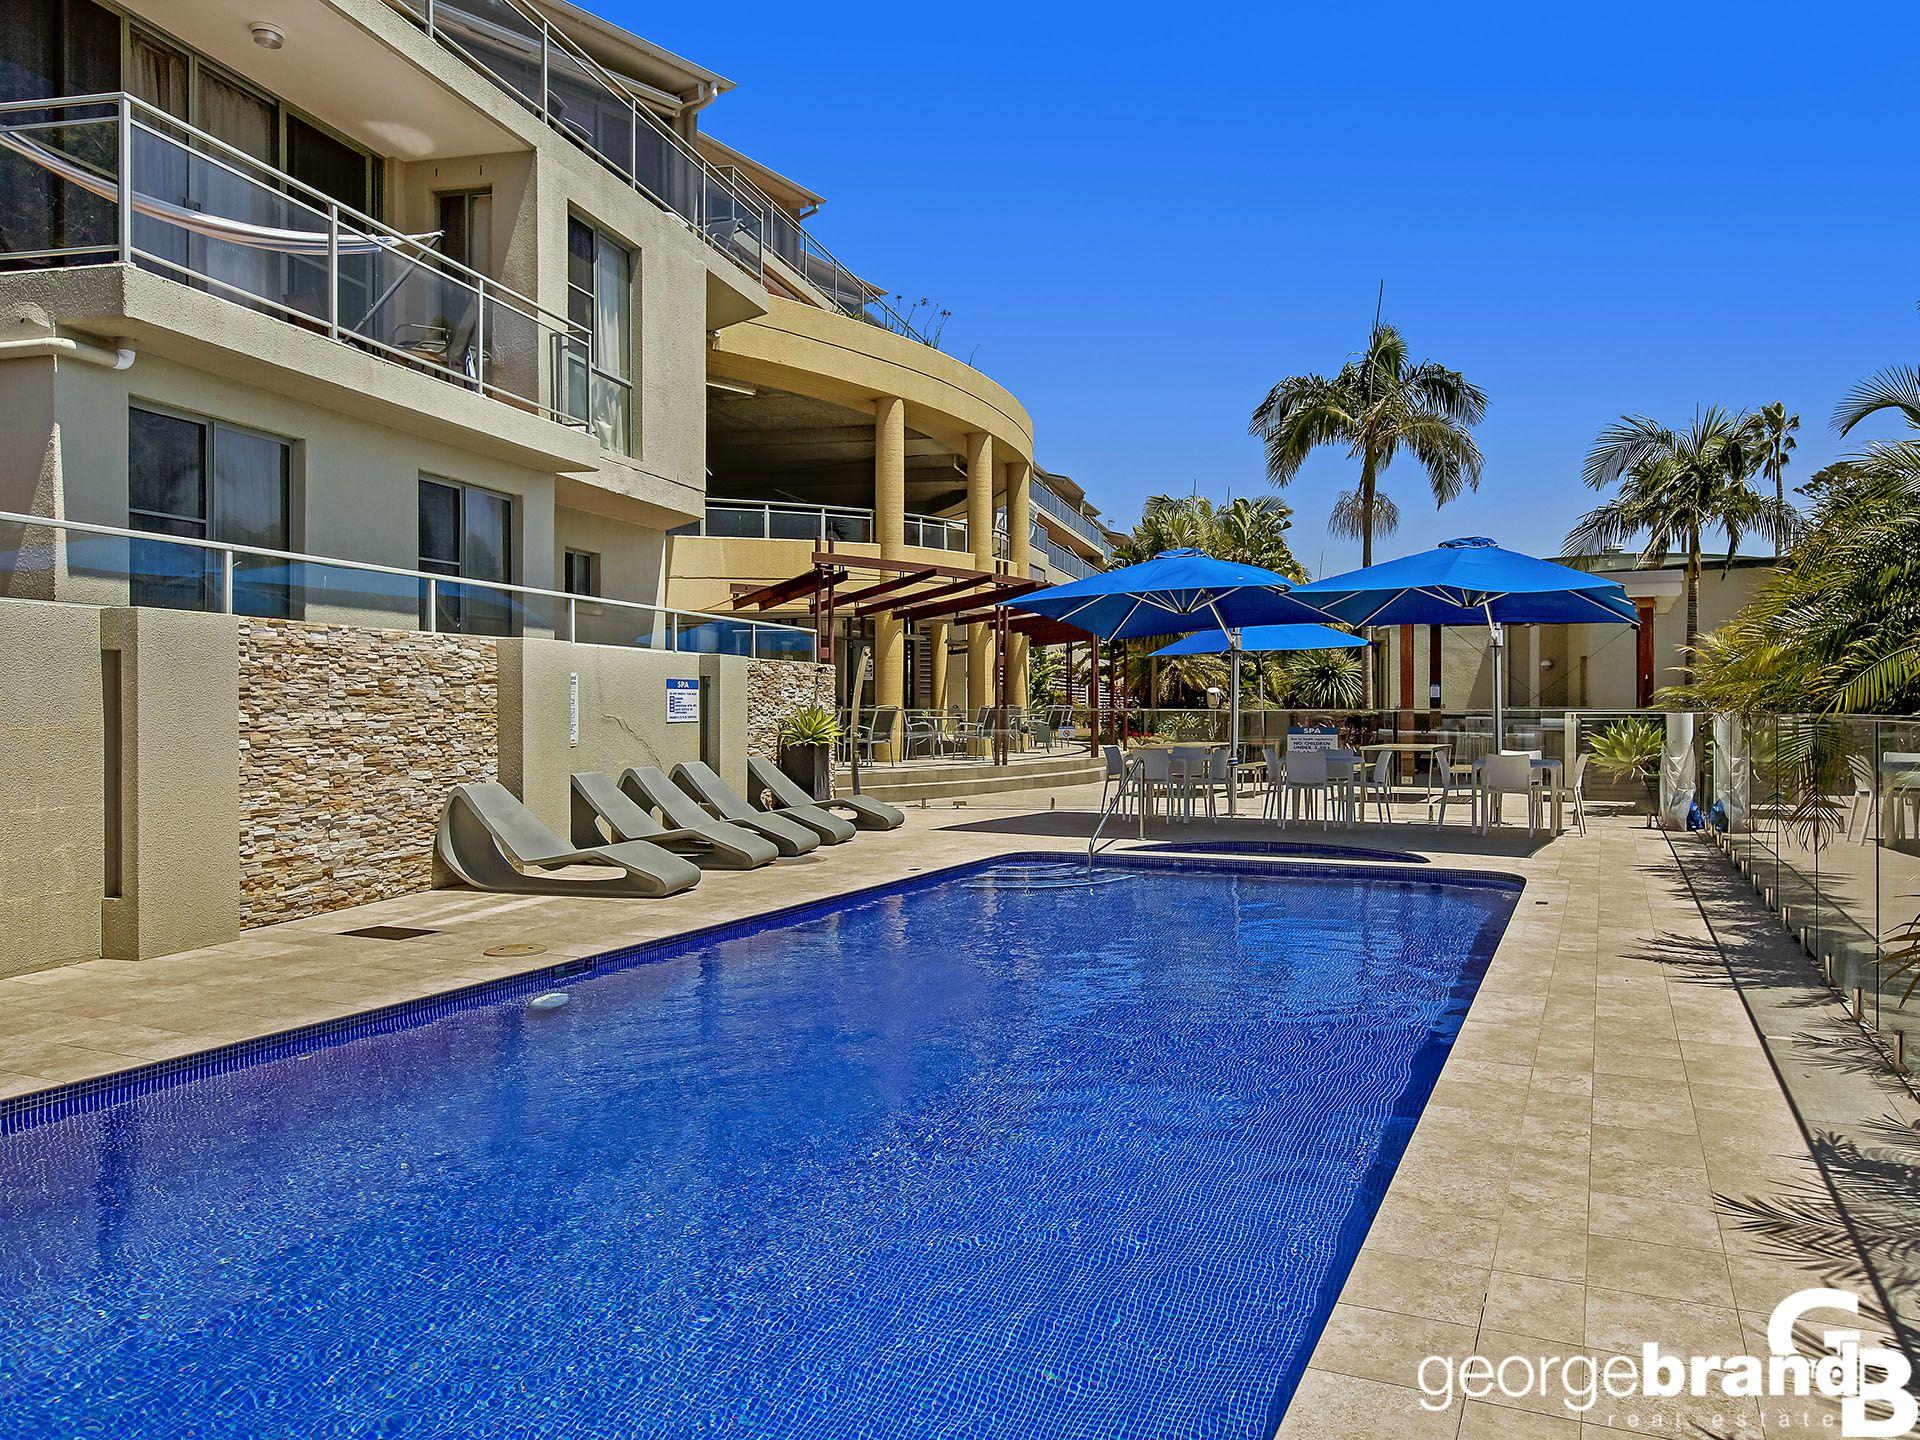 Avoca Beach Palms Resort